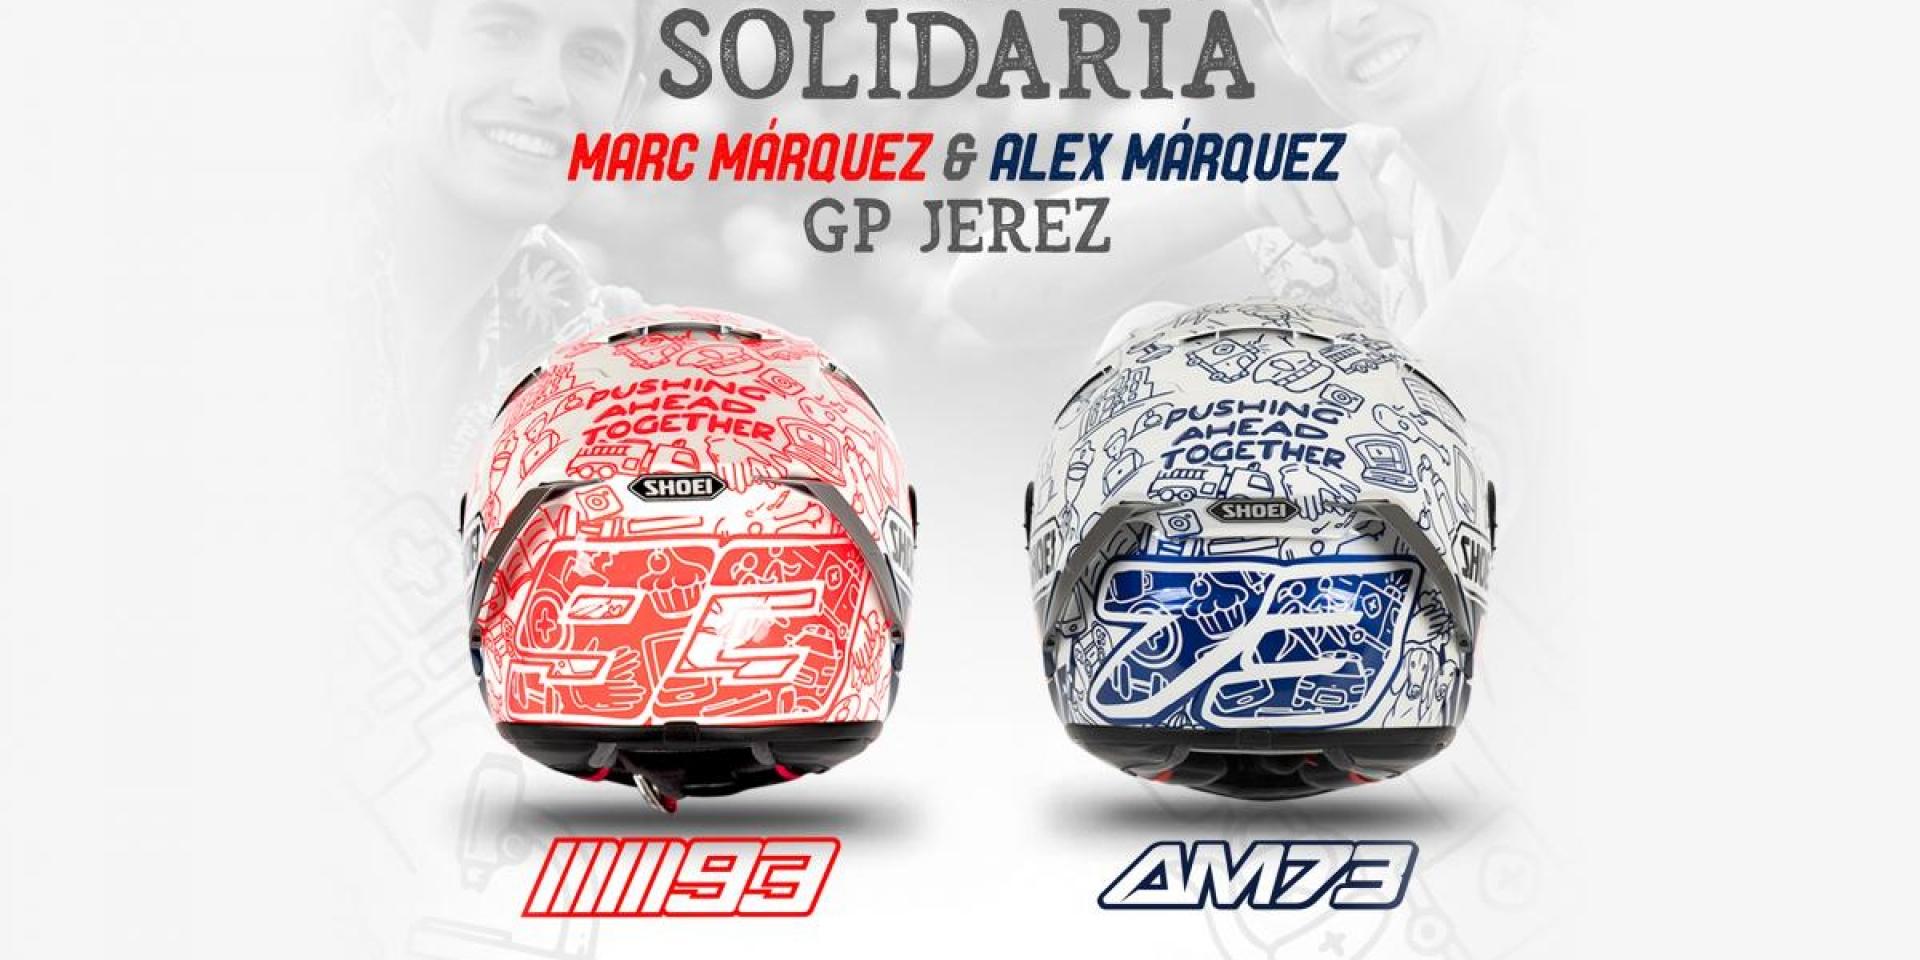 團結抗疫!Marc Marquez與Alex Marquez兄弟推出紀念新帽協助募款!